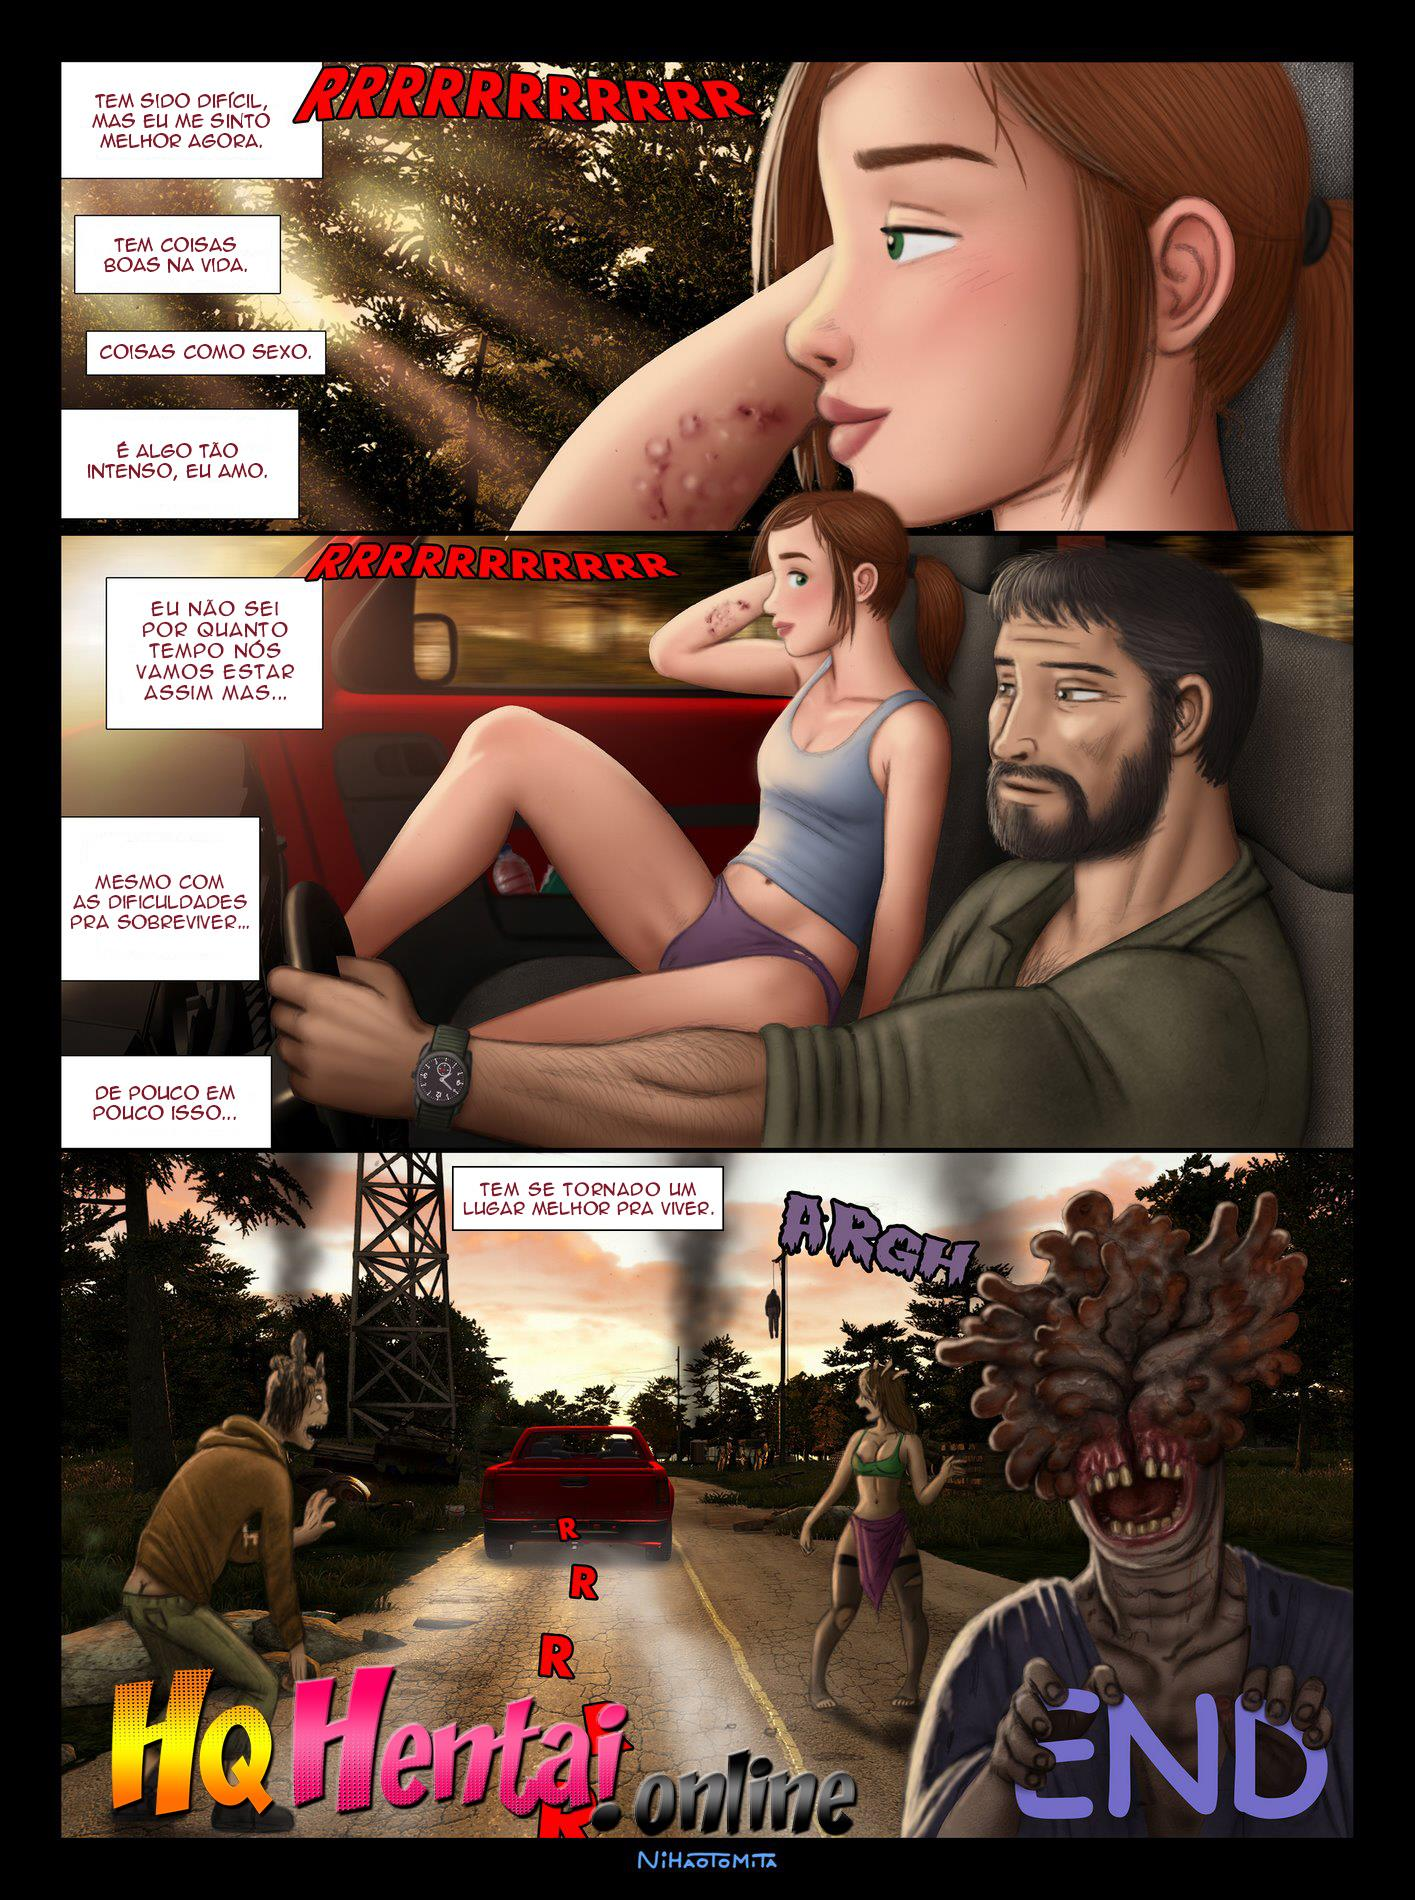 Ellie descobrindo o Sexo